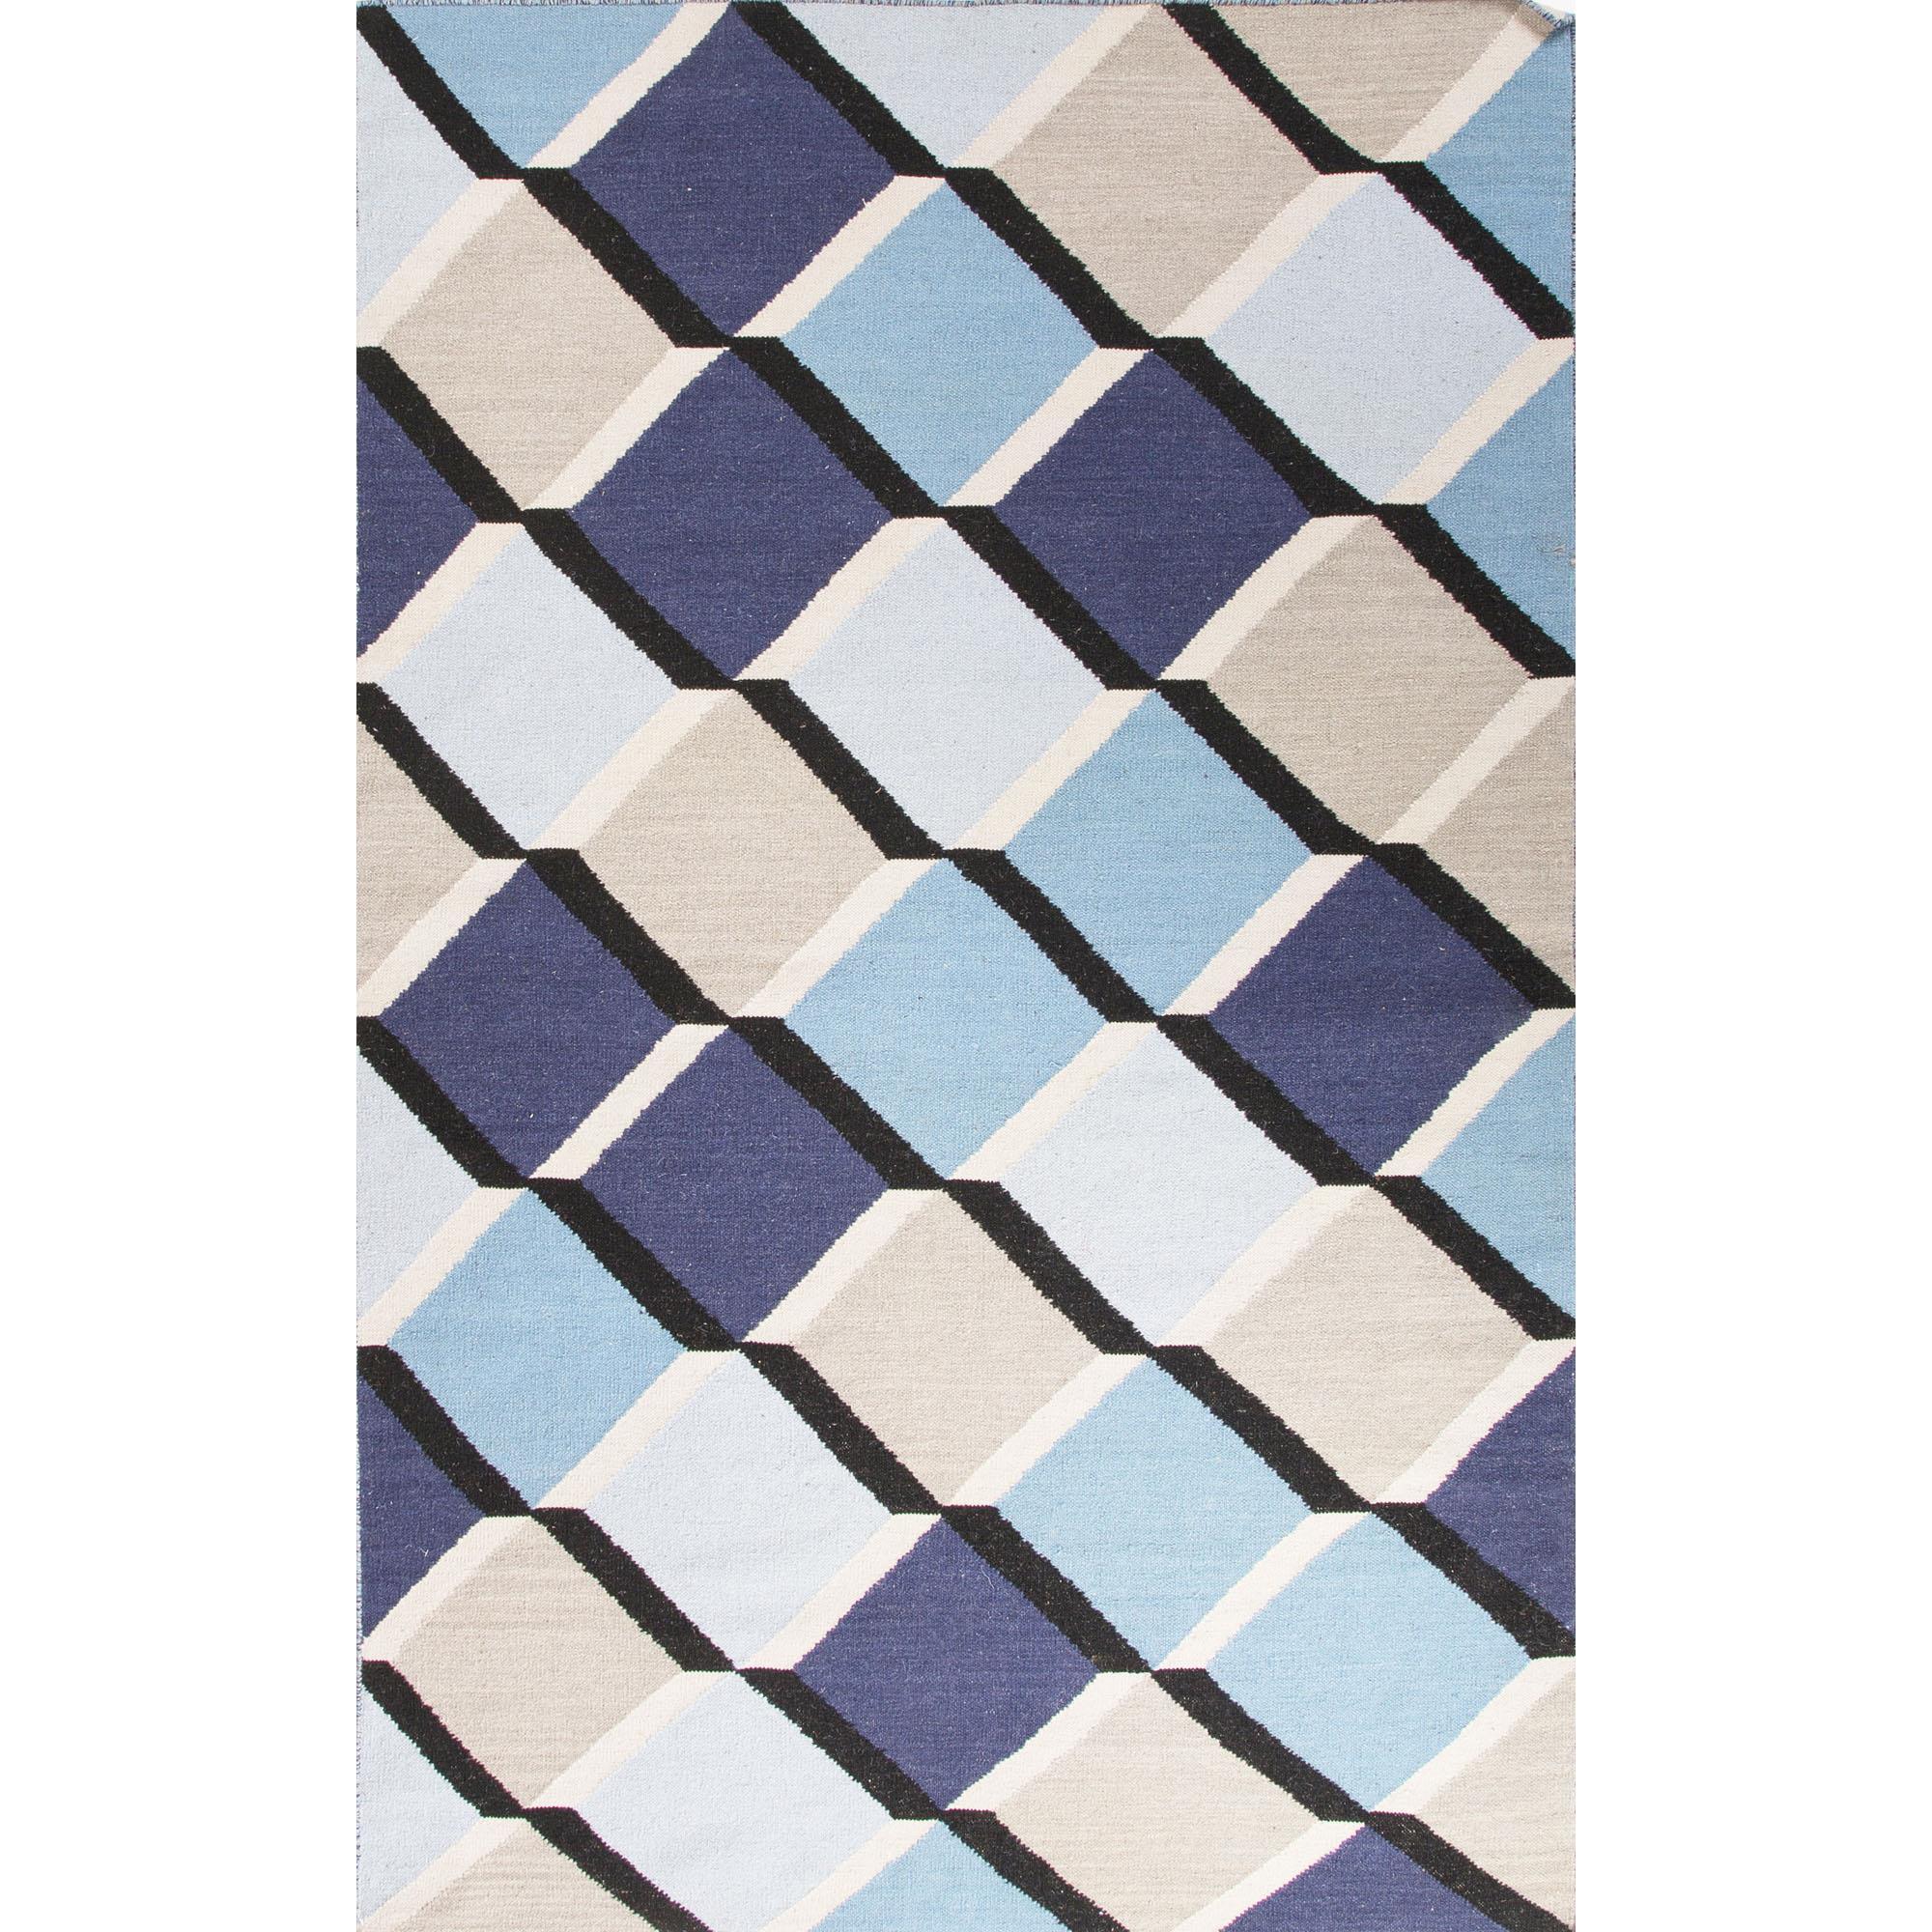 JAIPUR Rugs En Casa By Luli Sanchez Flat-weave 5 x 8 Rug - Item Number: RUG115926